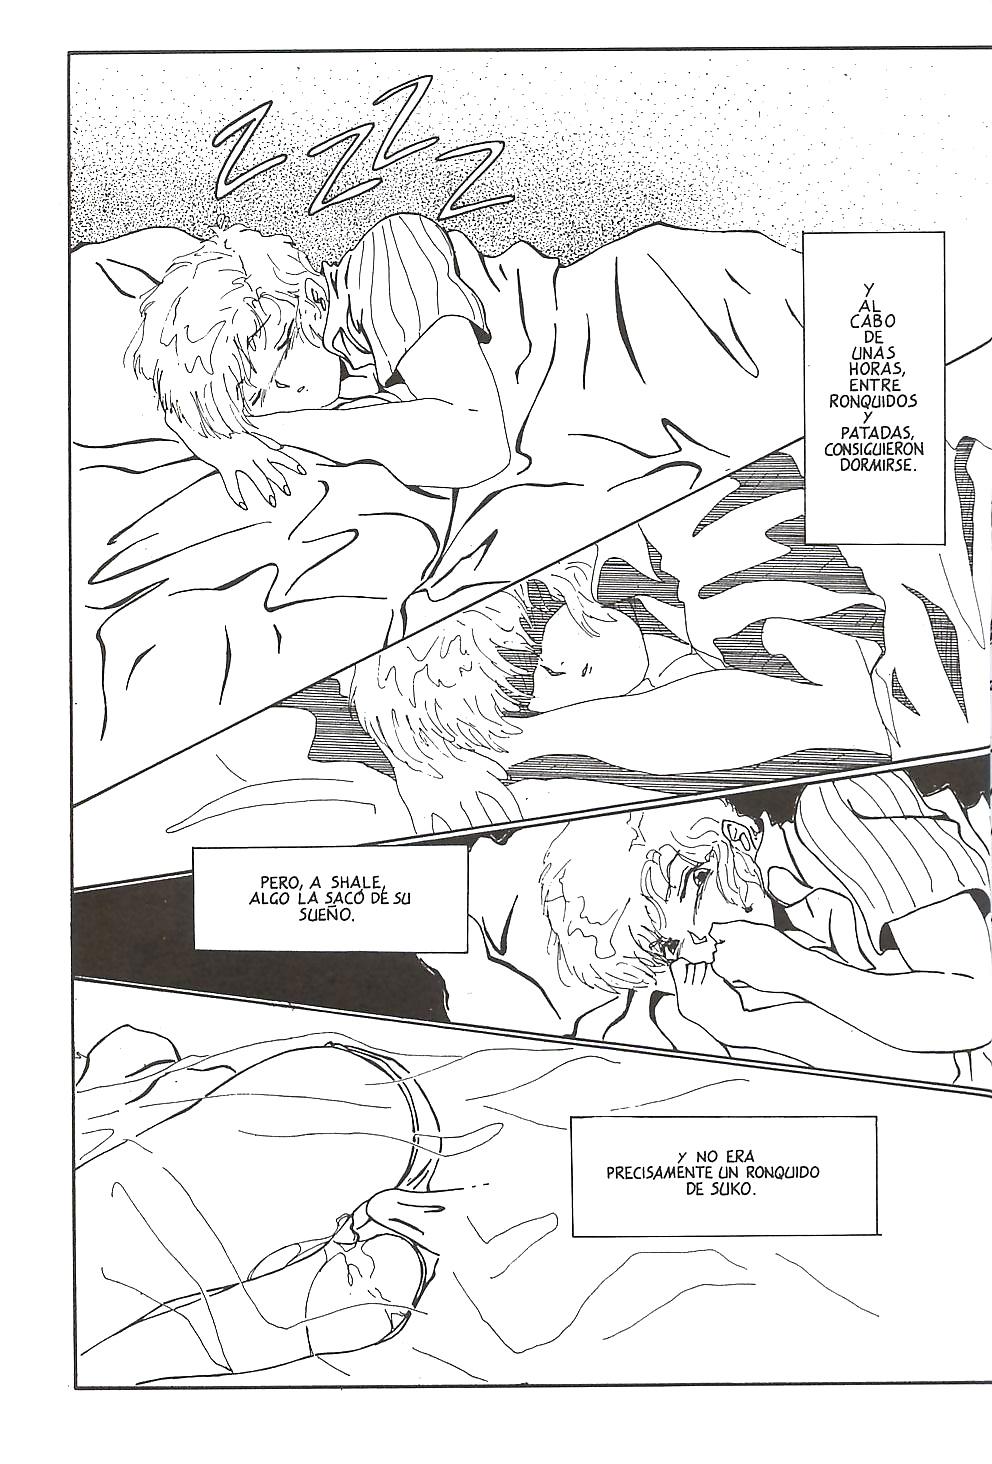 sexo en la cama durante el manga porno